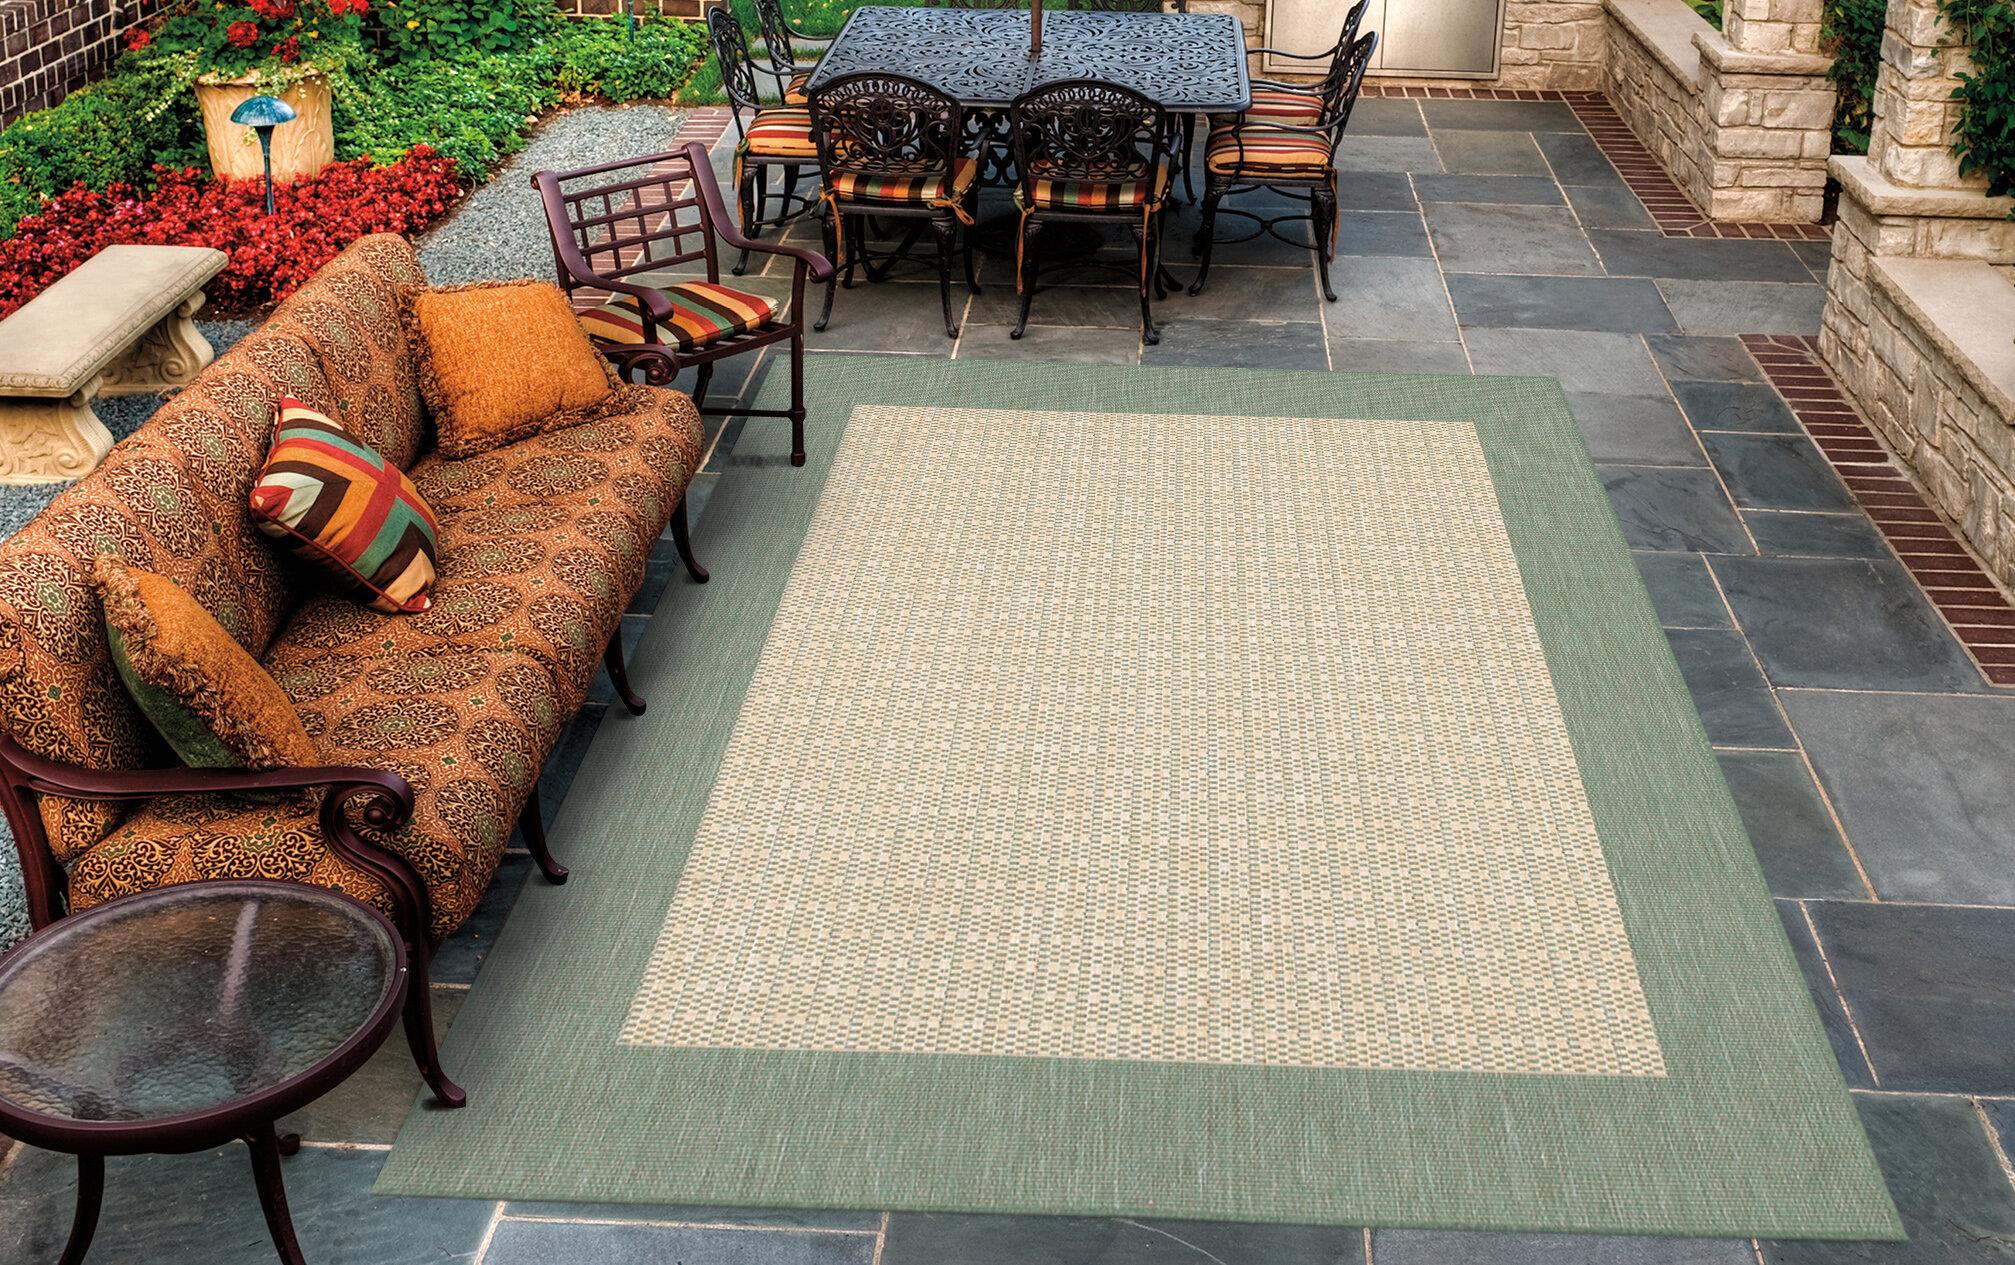 Celia Moss Green Tan Indoor Outdoor Area Rug Reviews Joss Main